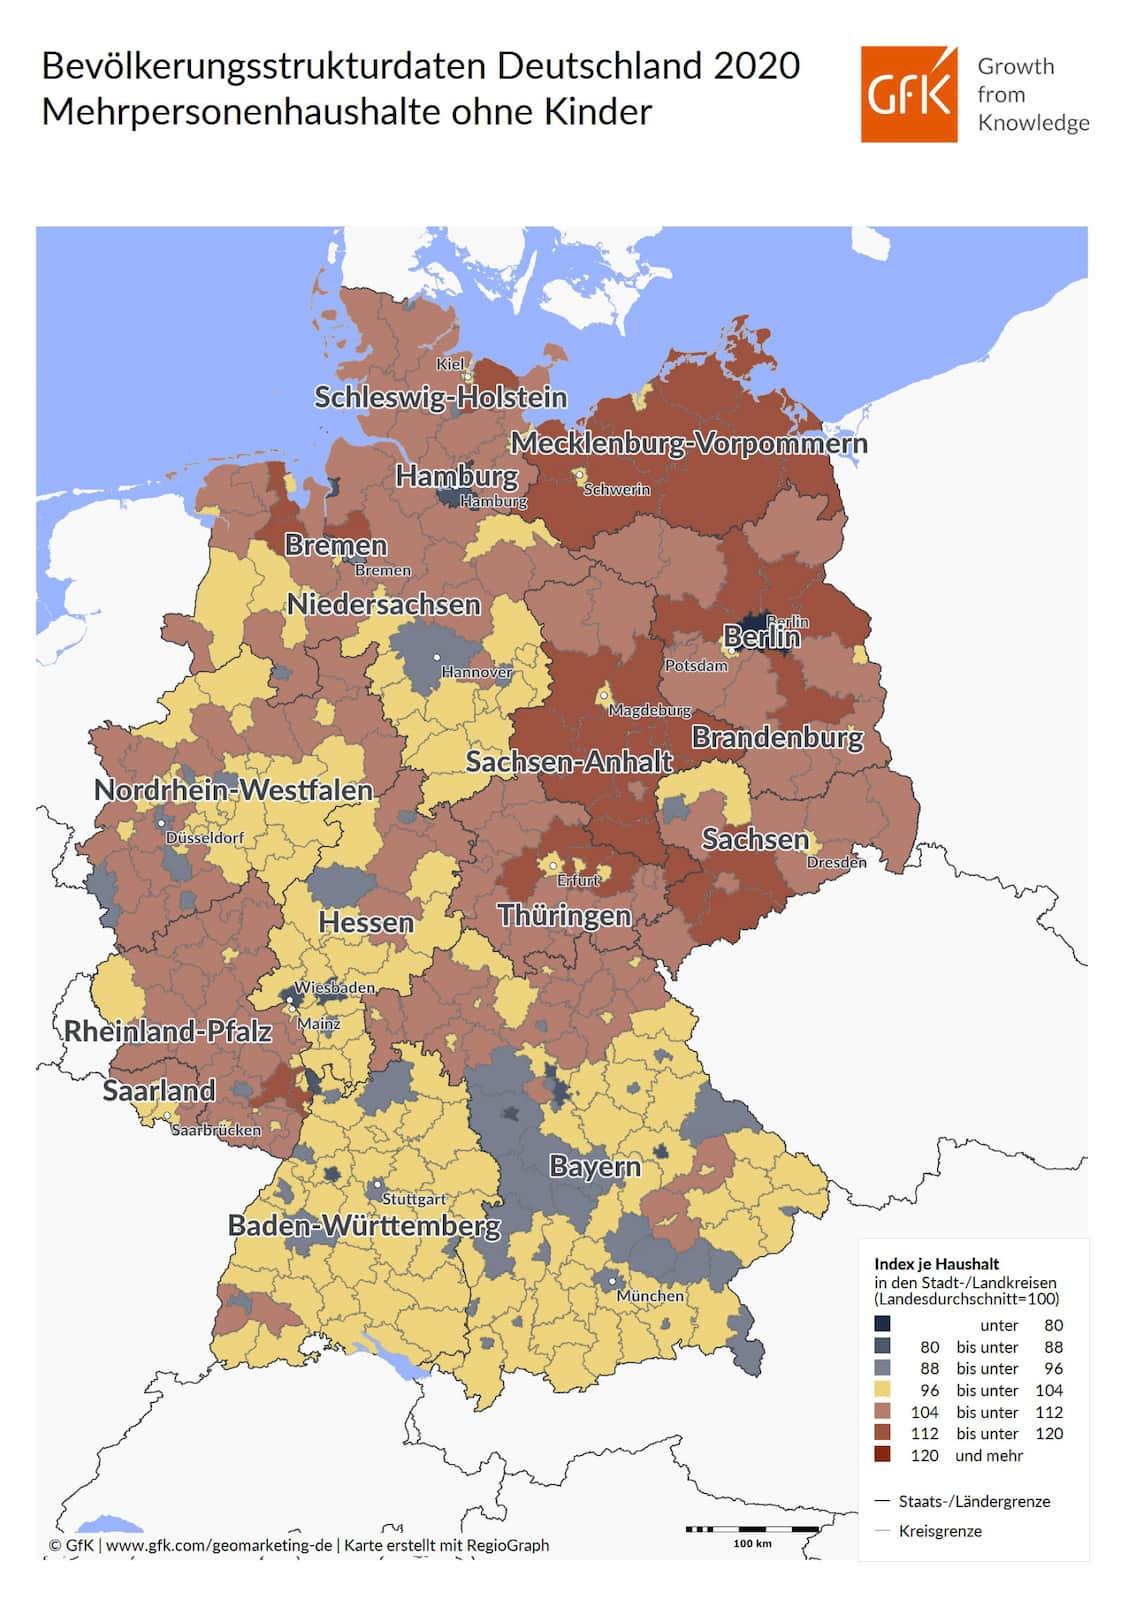 Bevölkerungsstrukturdaten Deutschland 2020 Mehrpersonenhaushalte ohne Kinder